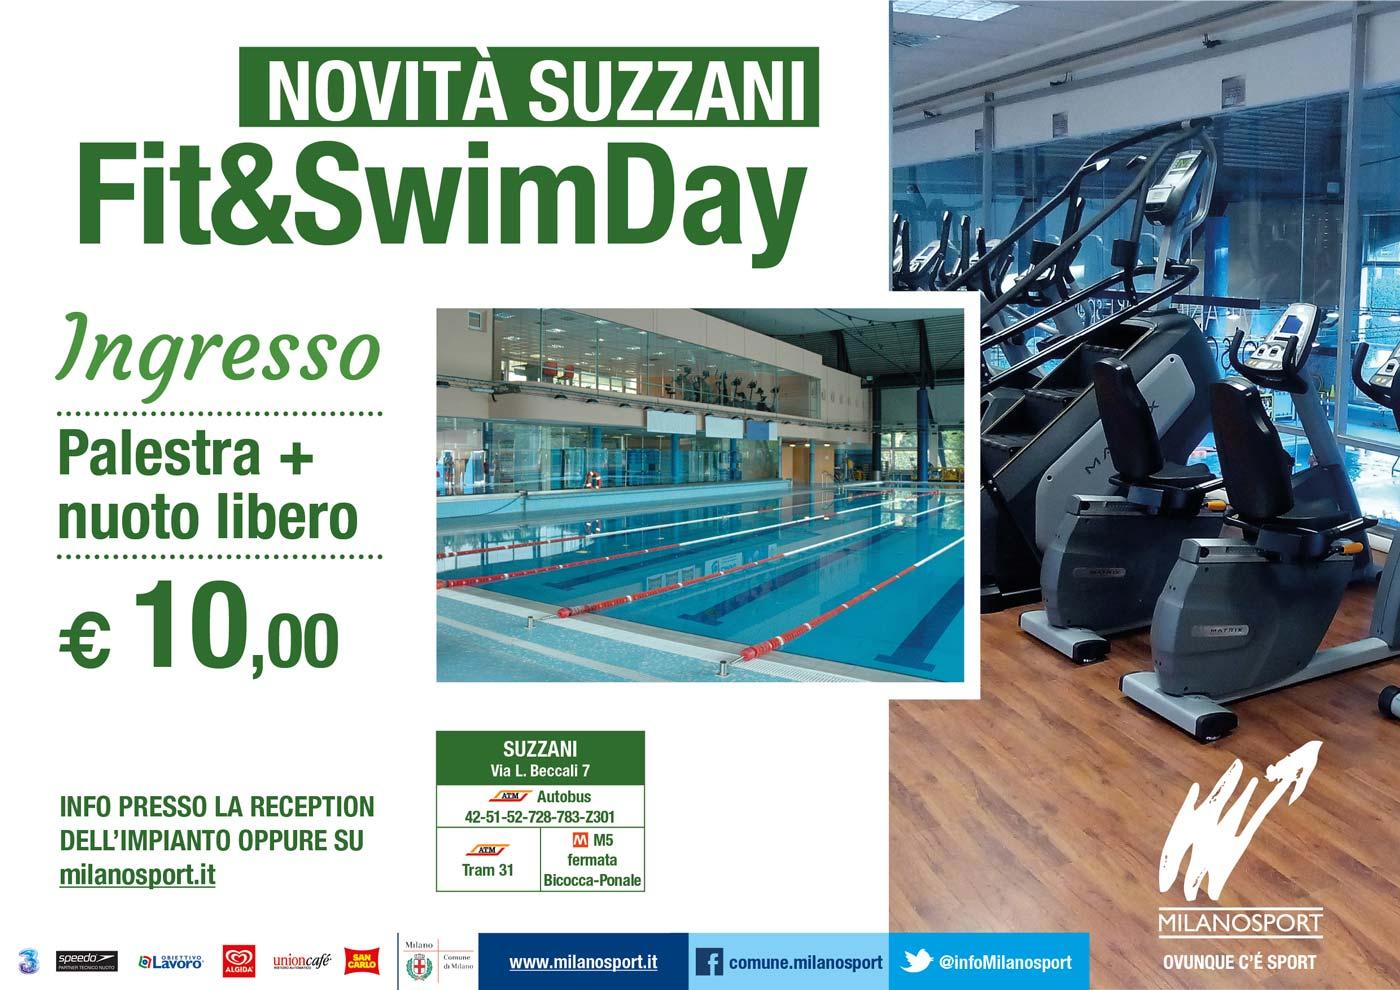 Milanosport a milano dove c 39 sport for Piscina suzzani